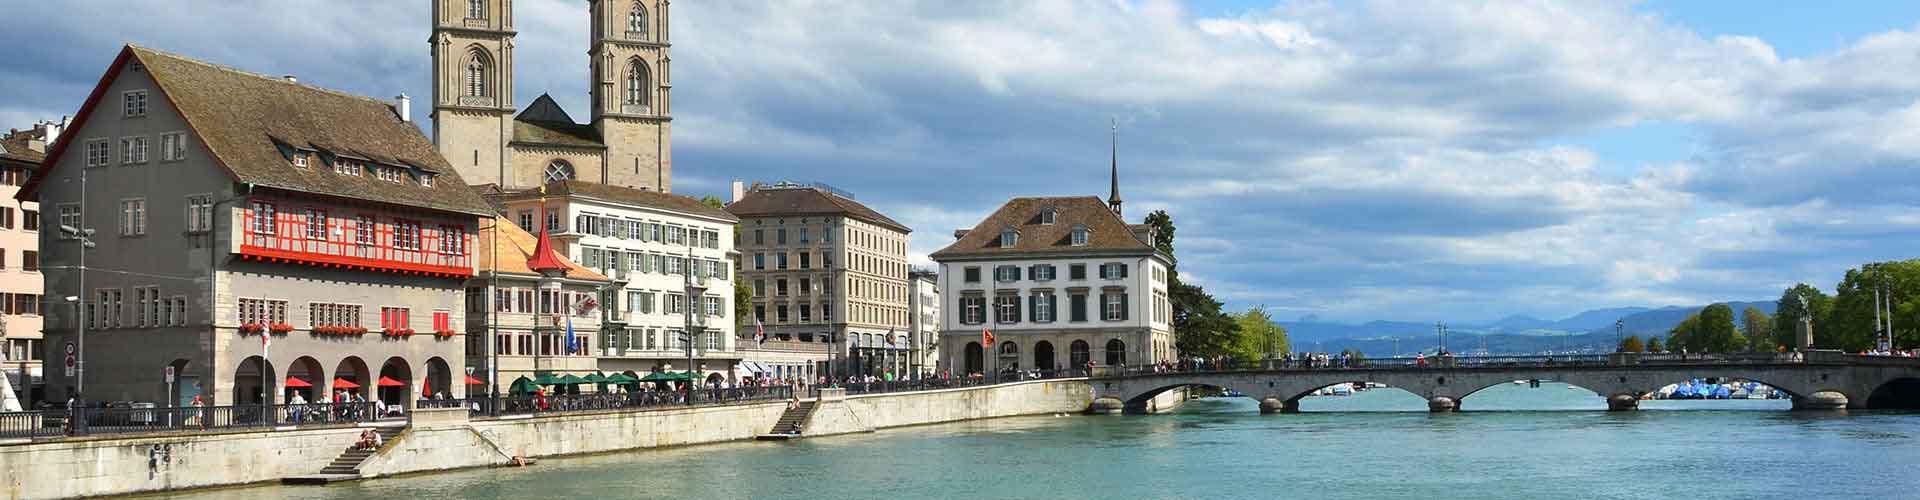 Zurich - Auberges de jeunesse près de Gare centrale de Zürich. Cartes pour Zurich, photos et commentaires pour chaque auberge de jeunesse à Zurich.